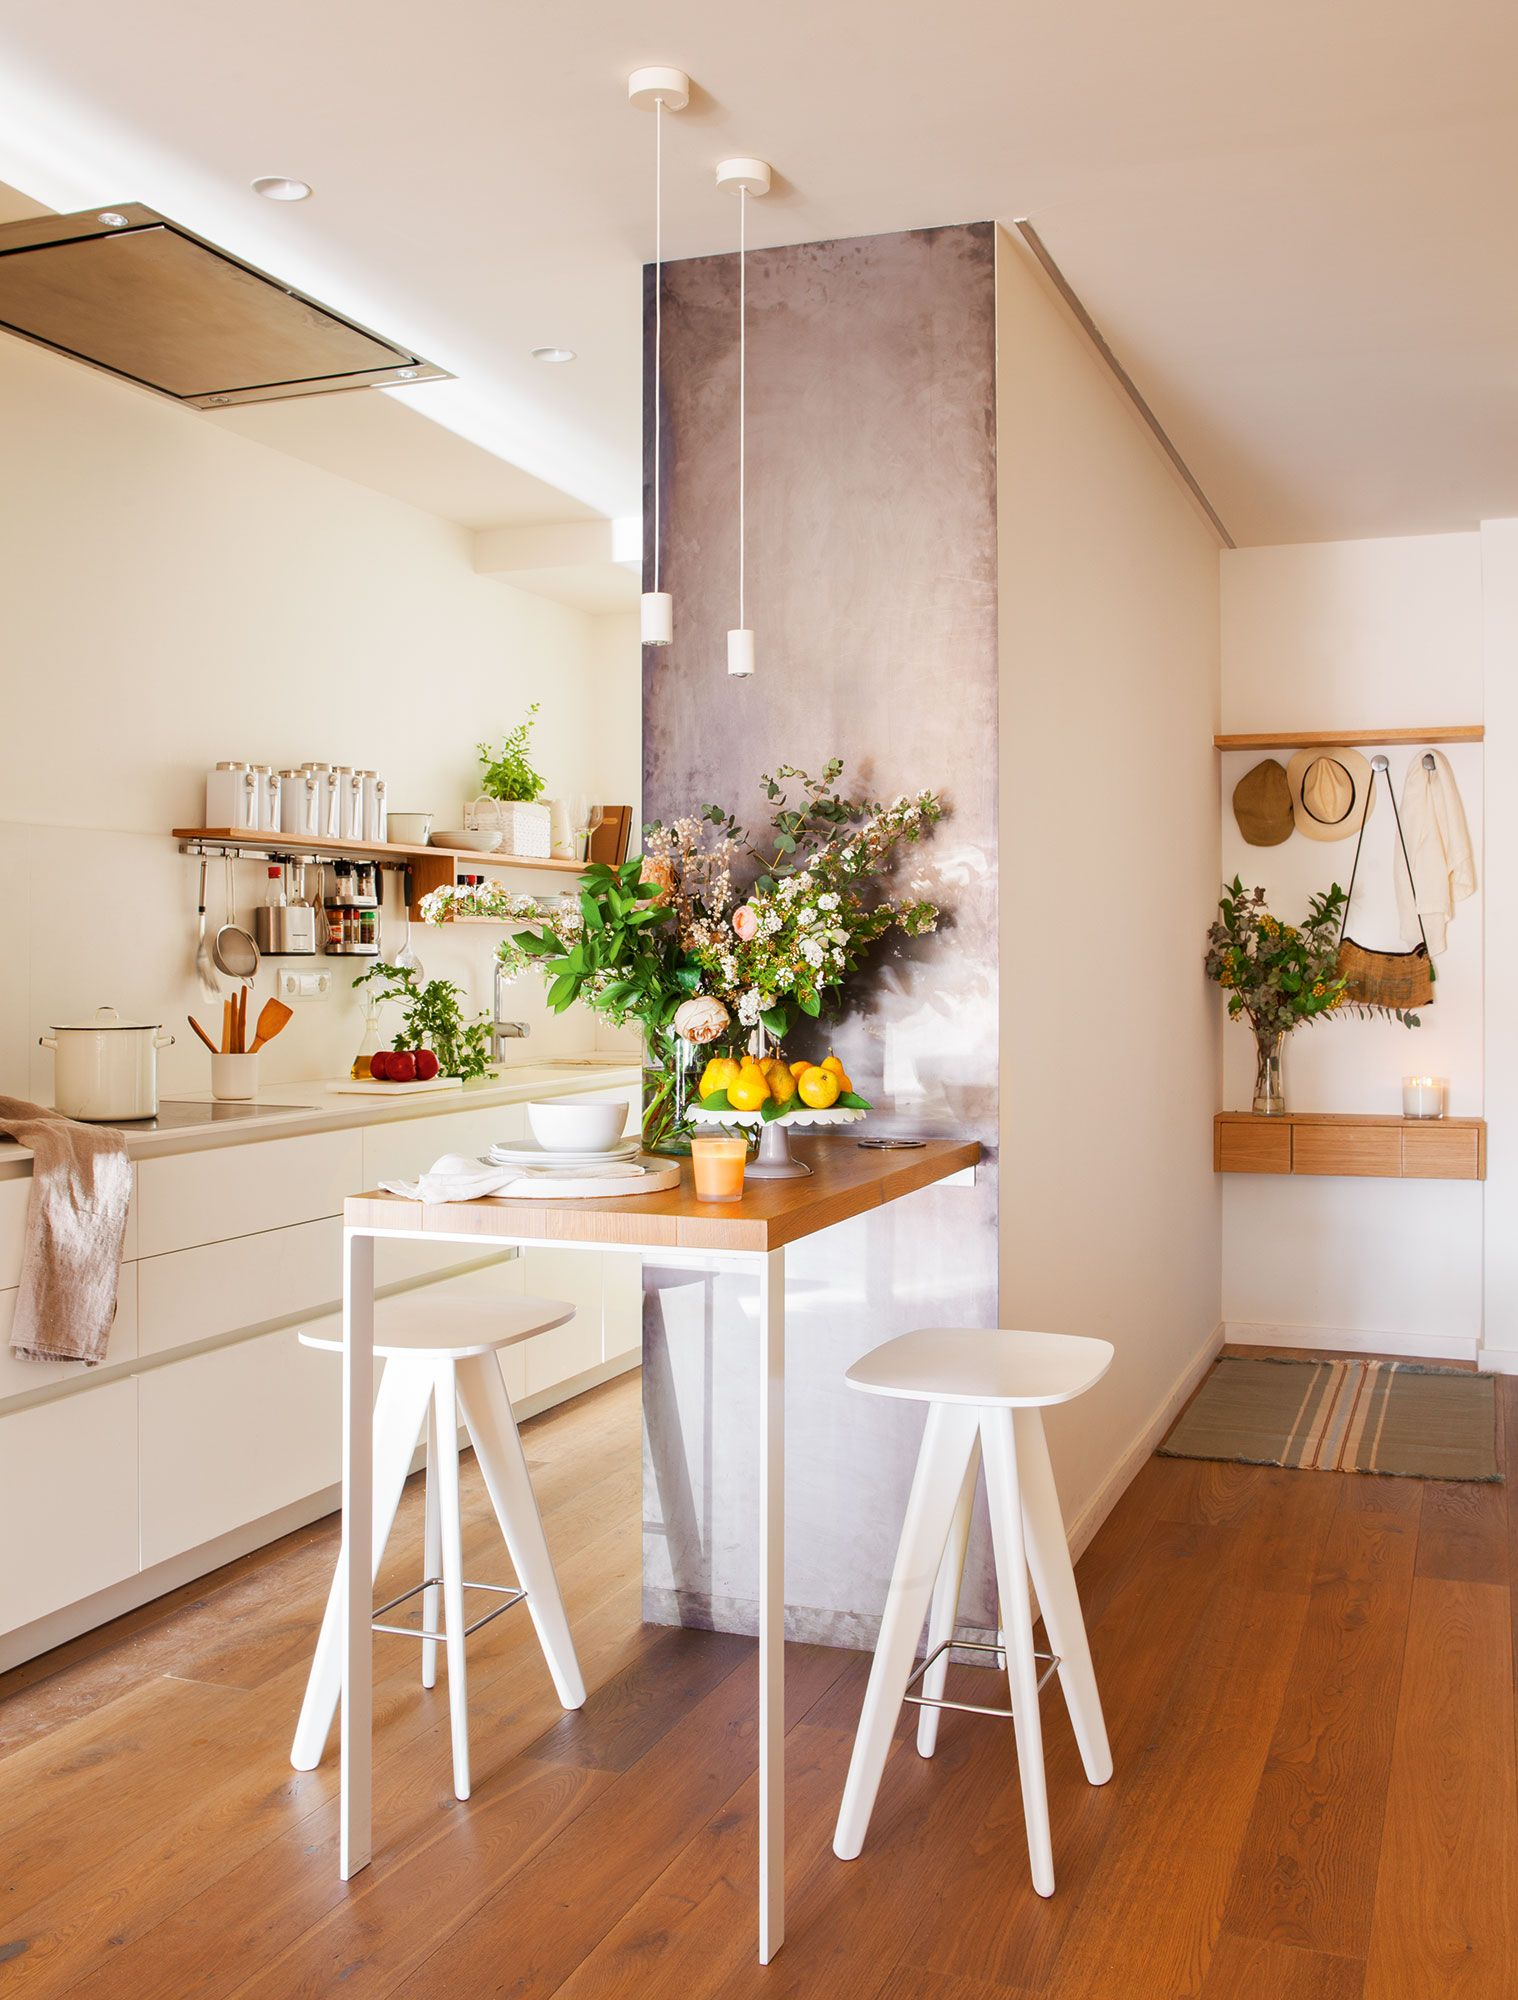 Blanca cocina alargada con pequeña office con dos taburetes | El ...